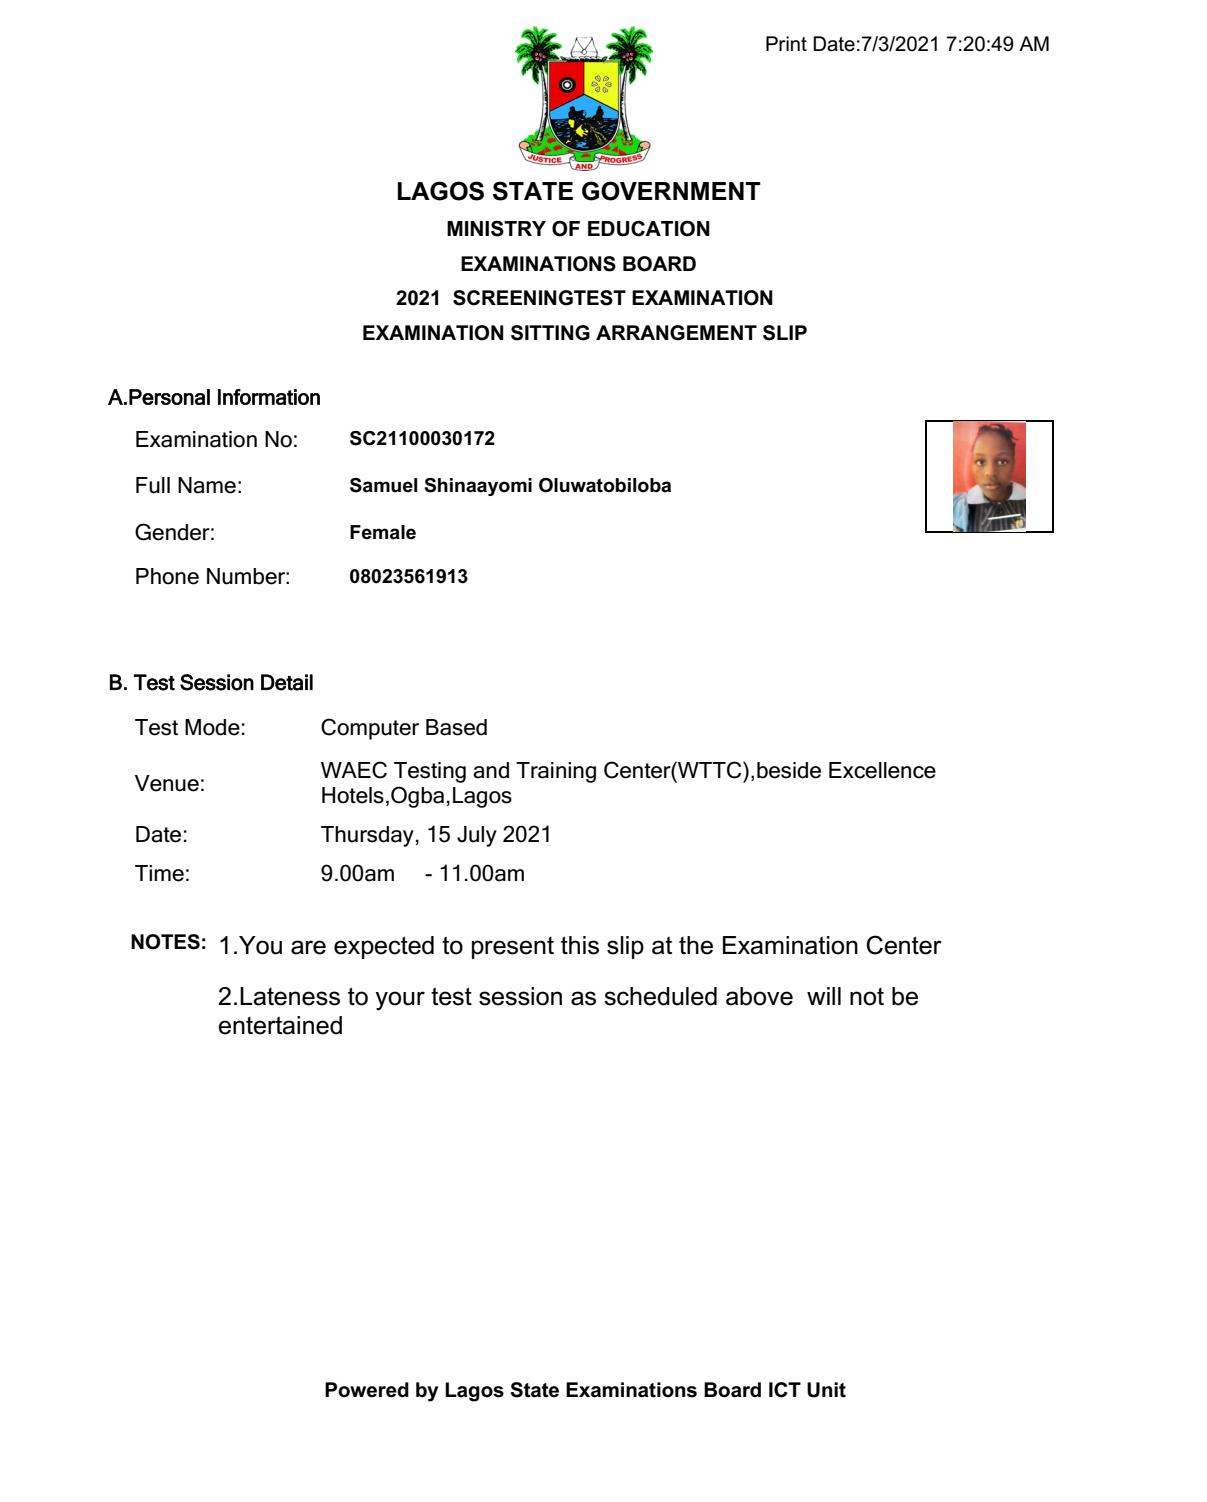 Lagos Model College Exam Sitting Arrangement Slip 2021/2022